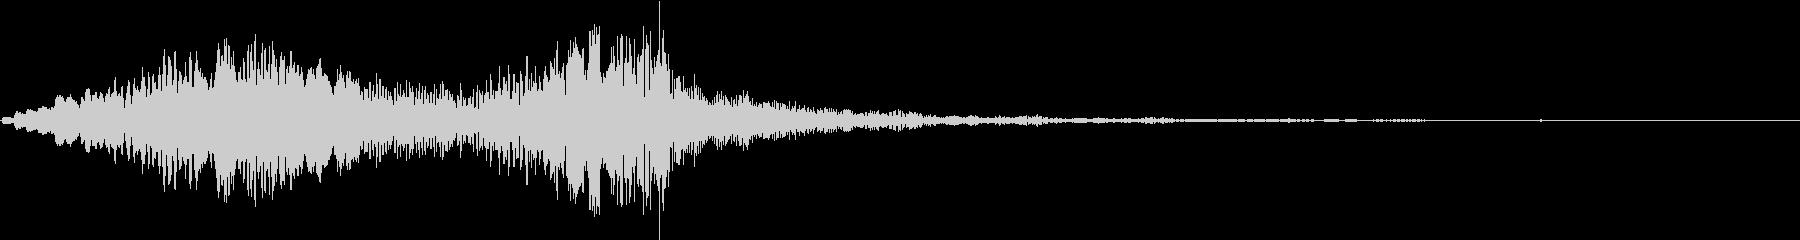 ホラー 近く 接近 恐怖 金属音 06の未再生の波形